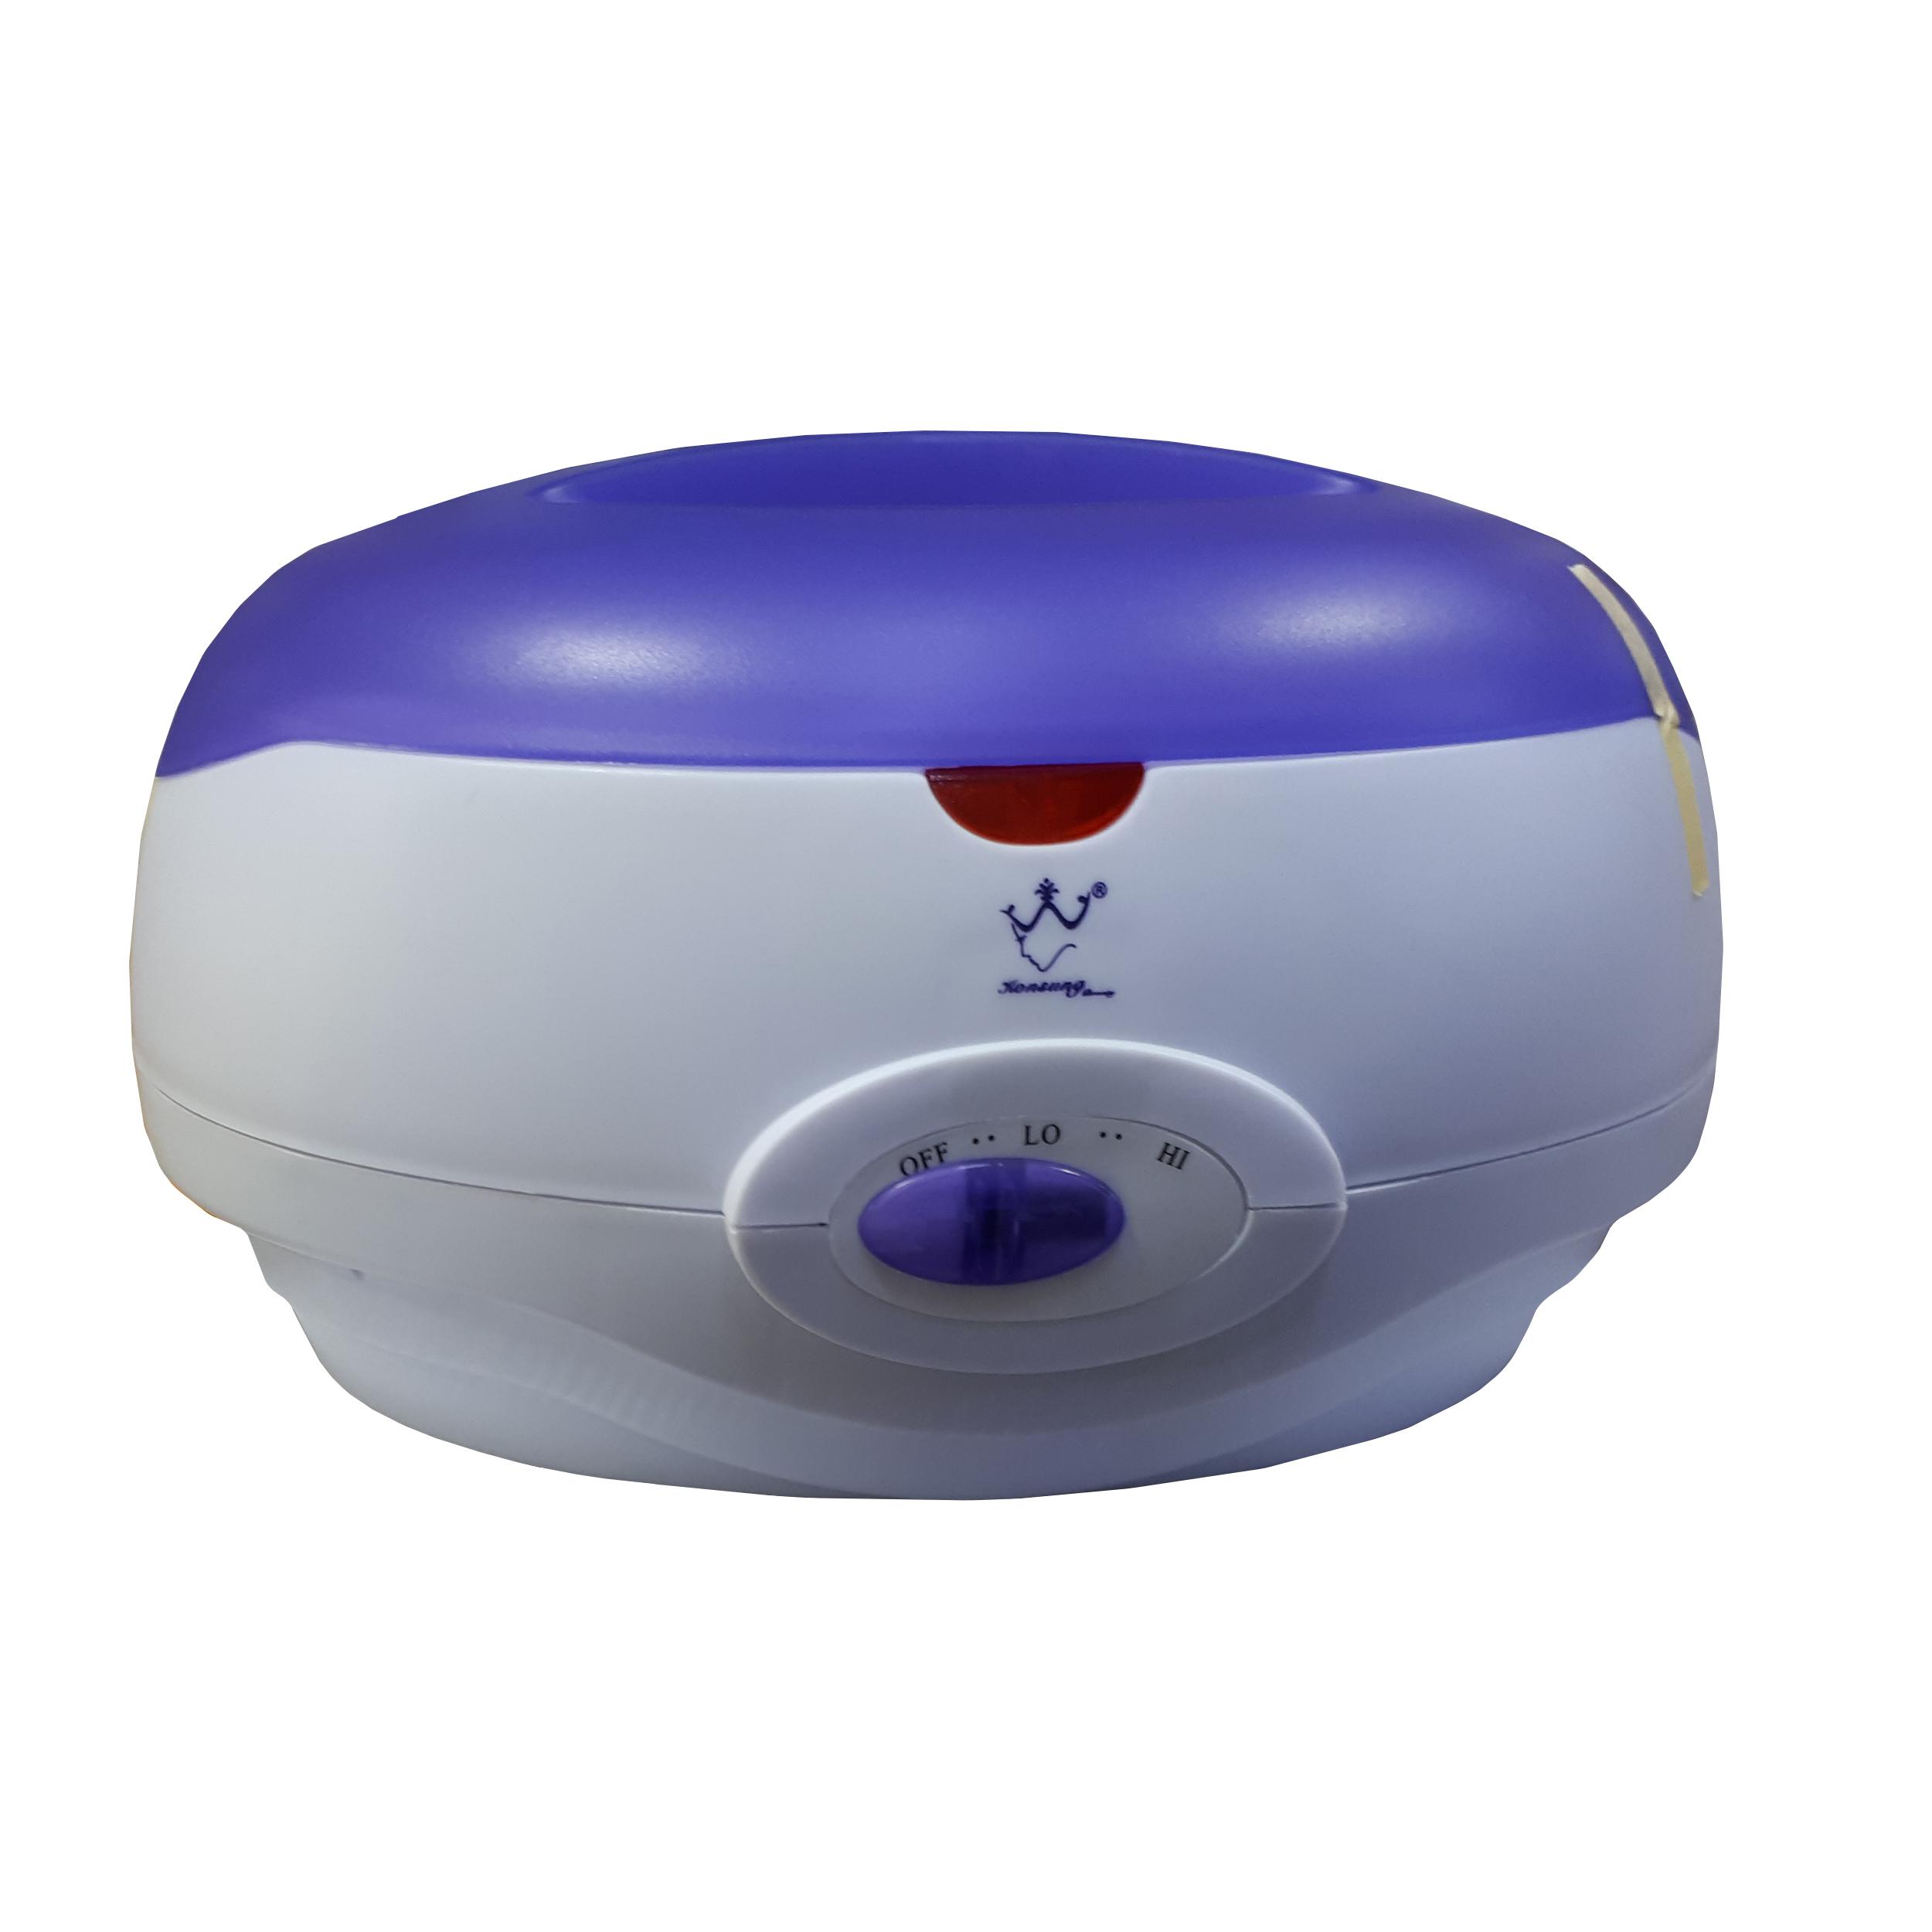 گرم کننده وکس کنسانگ بیوتی مدل WN-608